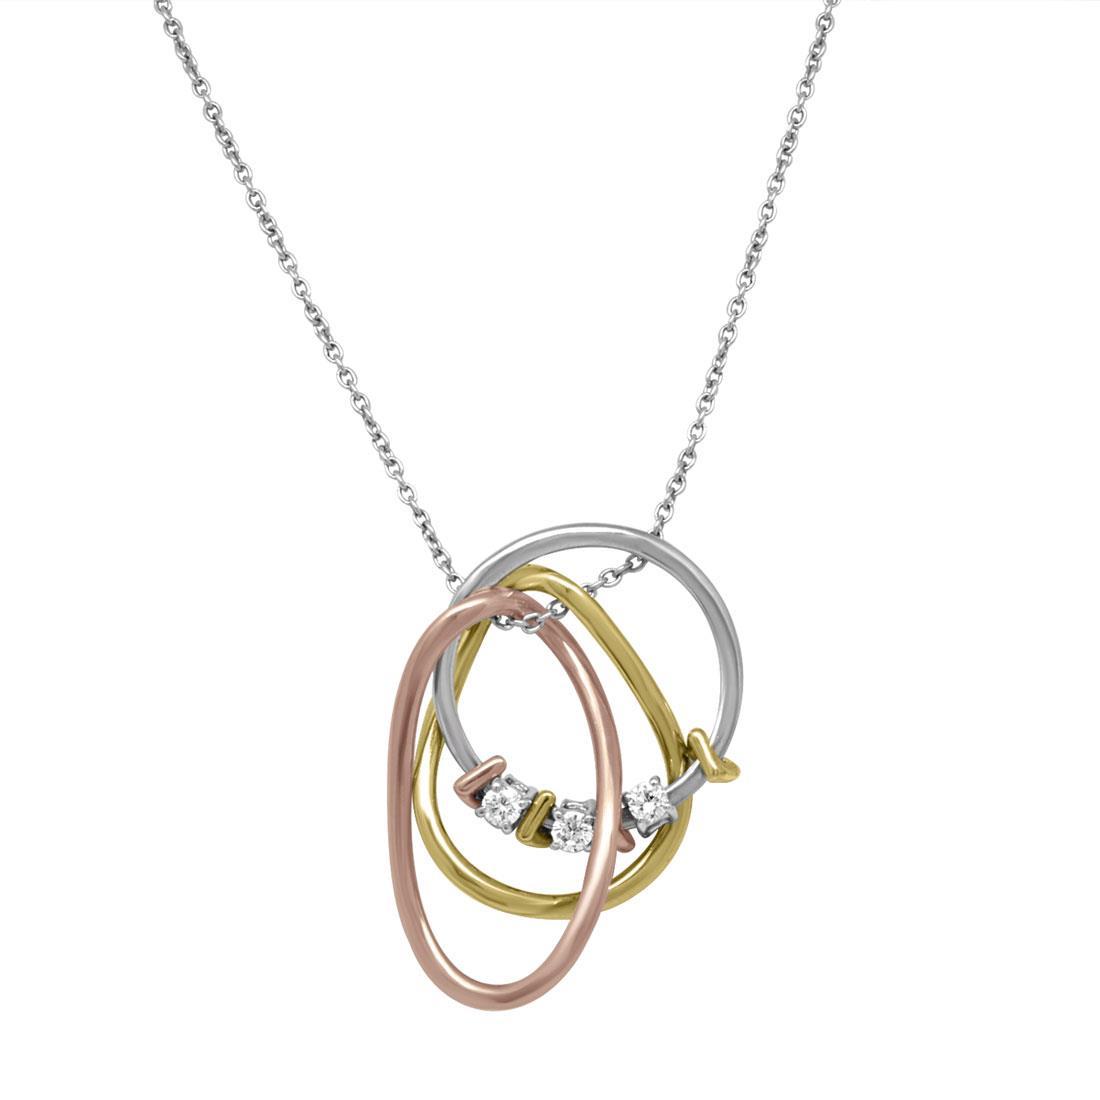 Necklace in oro bianco con pendente 4cm in oro bianco, giallo, rosa con diamanti, lunghezza 43,5cm - ALFIERI & ST.JOHN